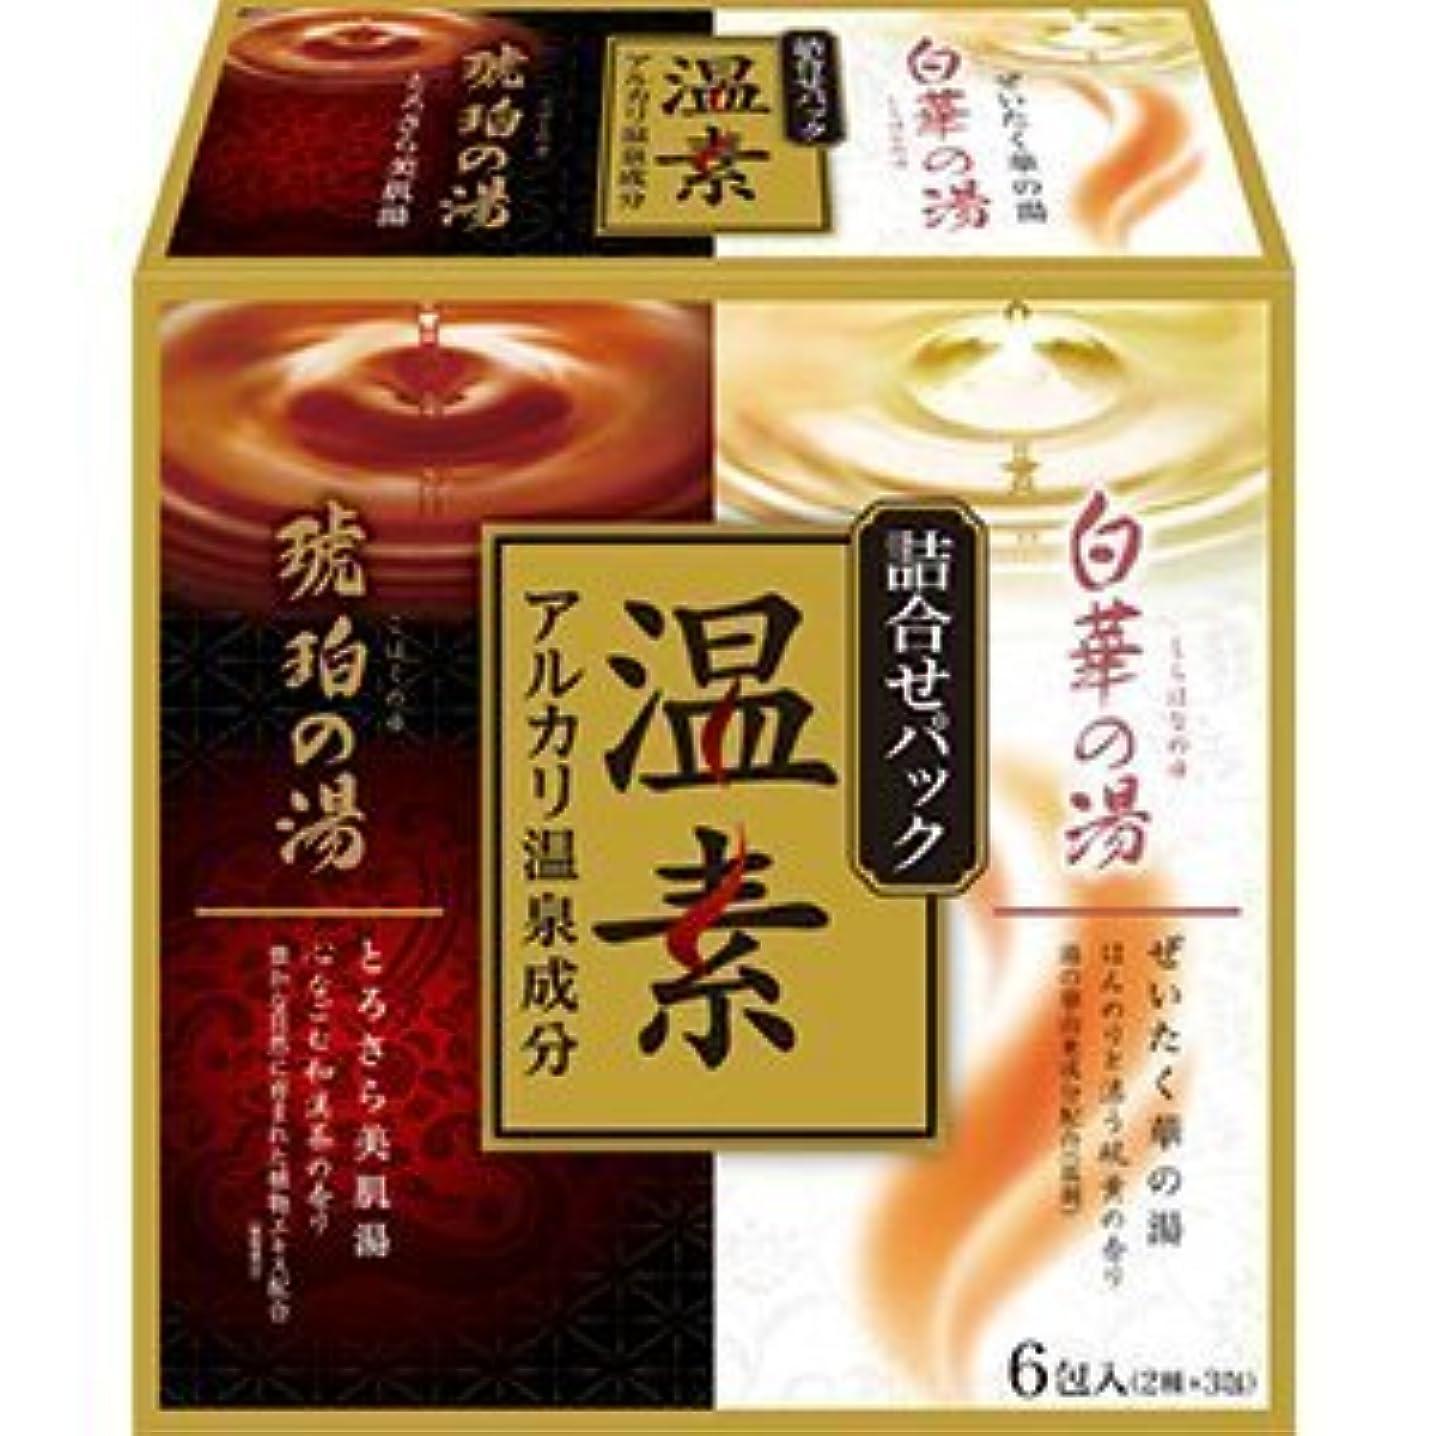 に変わる適応フレキシブル温素 琥珀の湯&白華の湯 詰合せパック × 10個セット